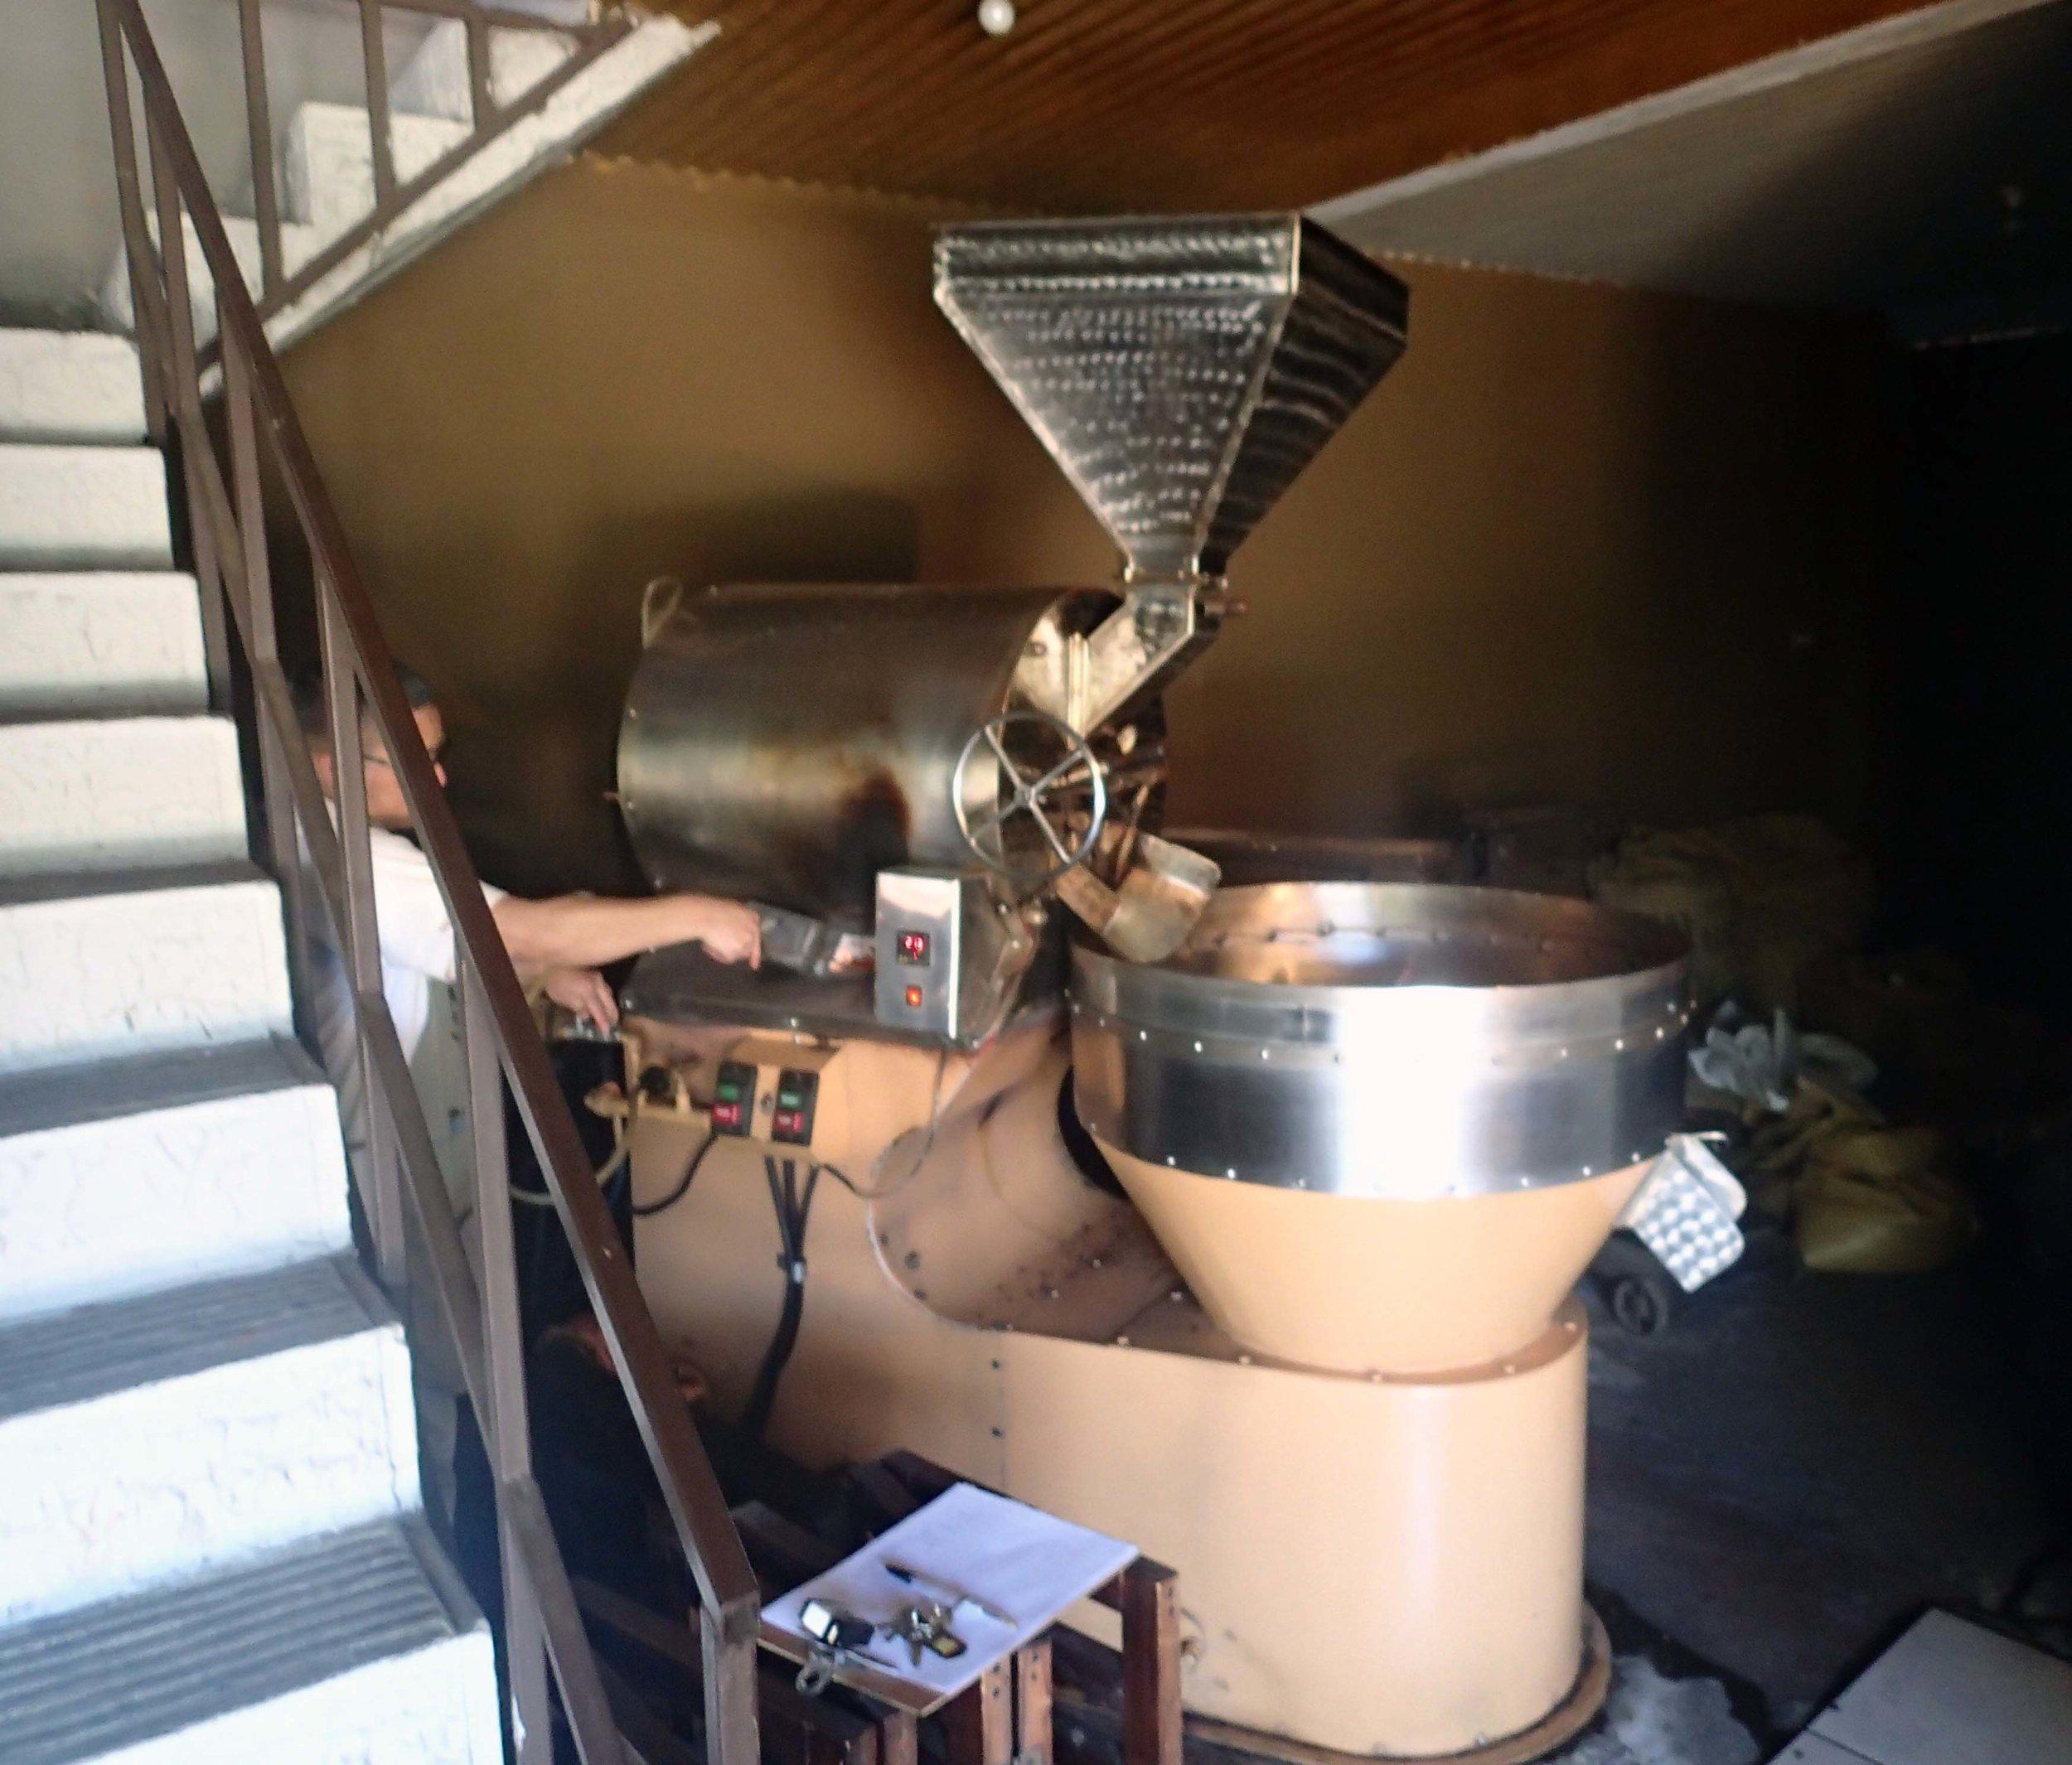 roasting coffee.jpg